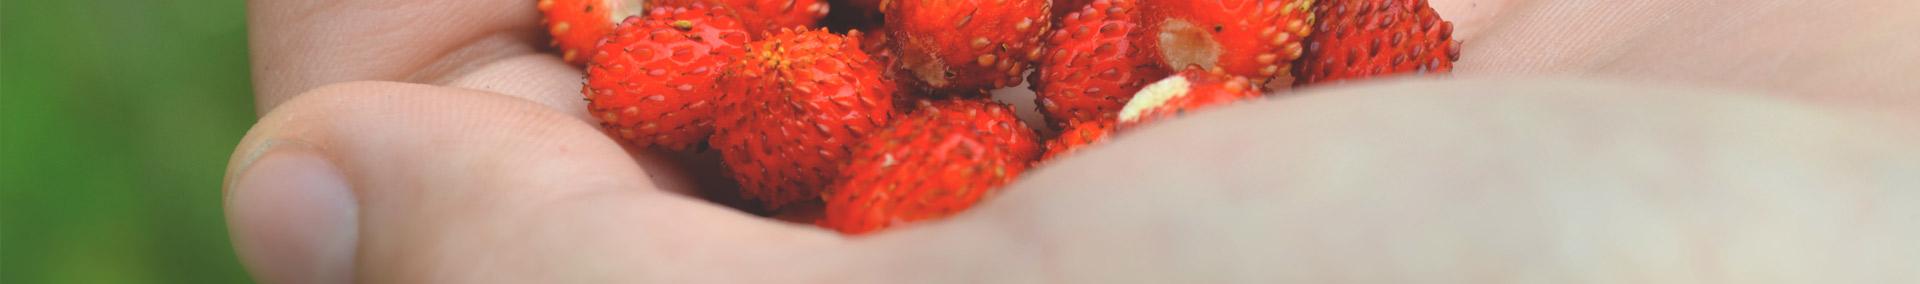 header_curiosita-cibo